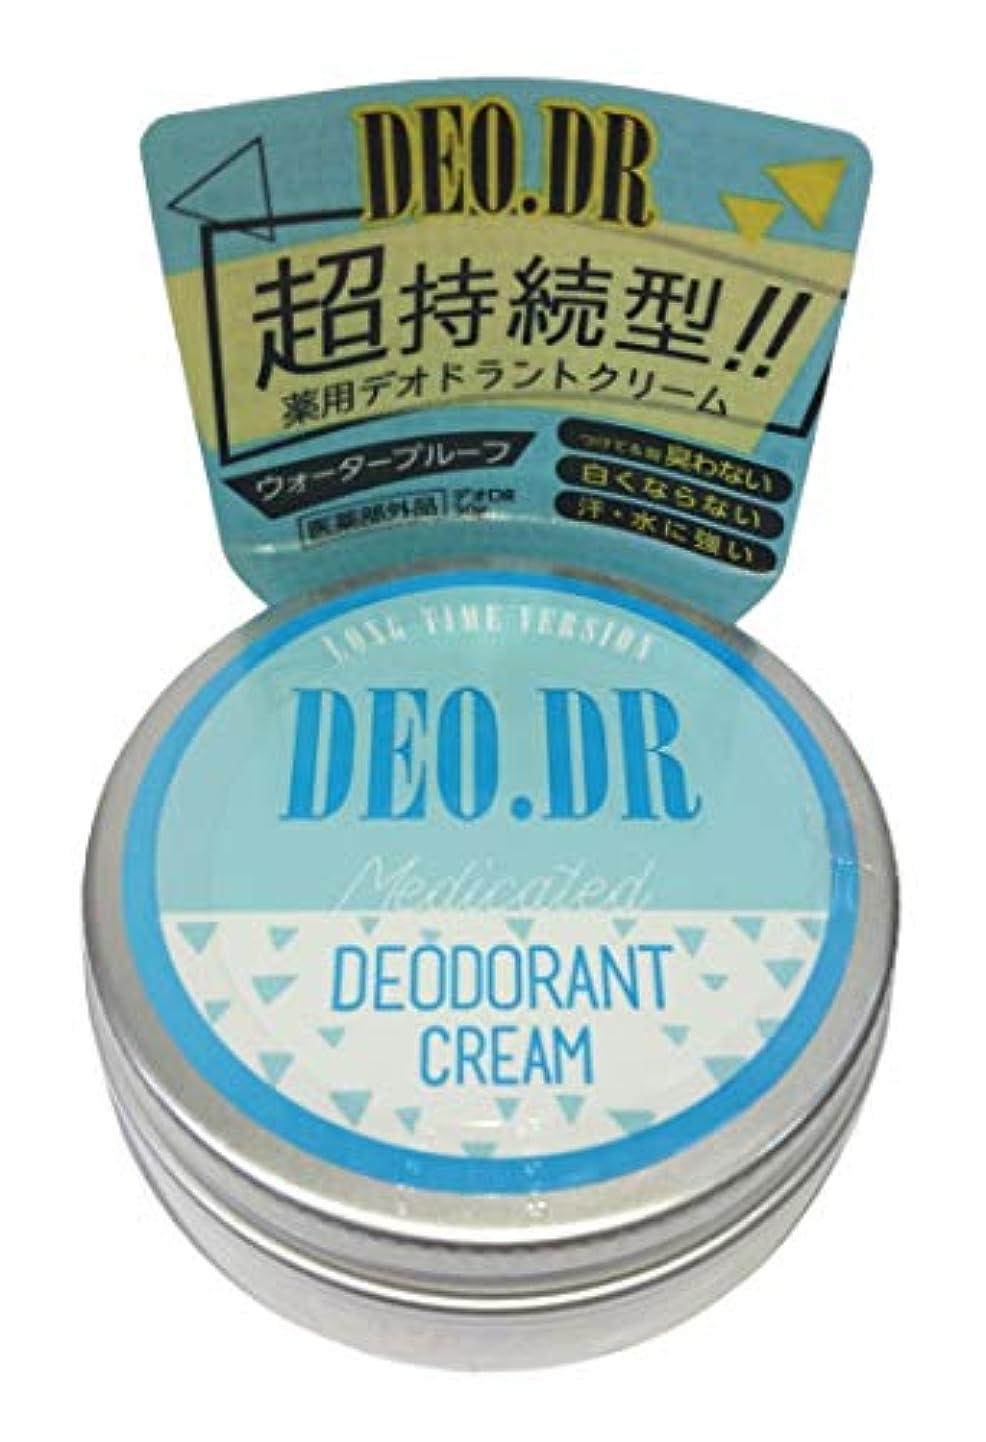 正当なおなじみの民兵デオDR (DEO.DR) 薬用クリーム 【医薬部外品】